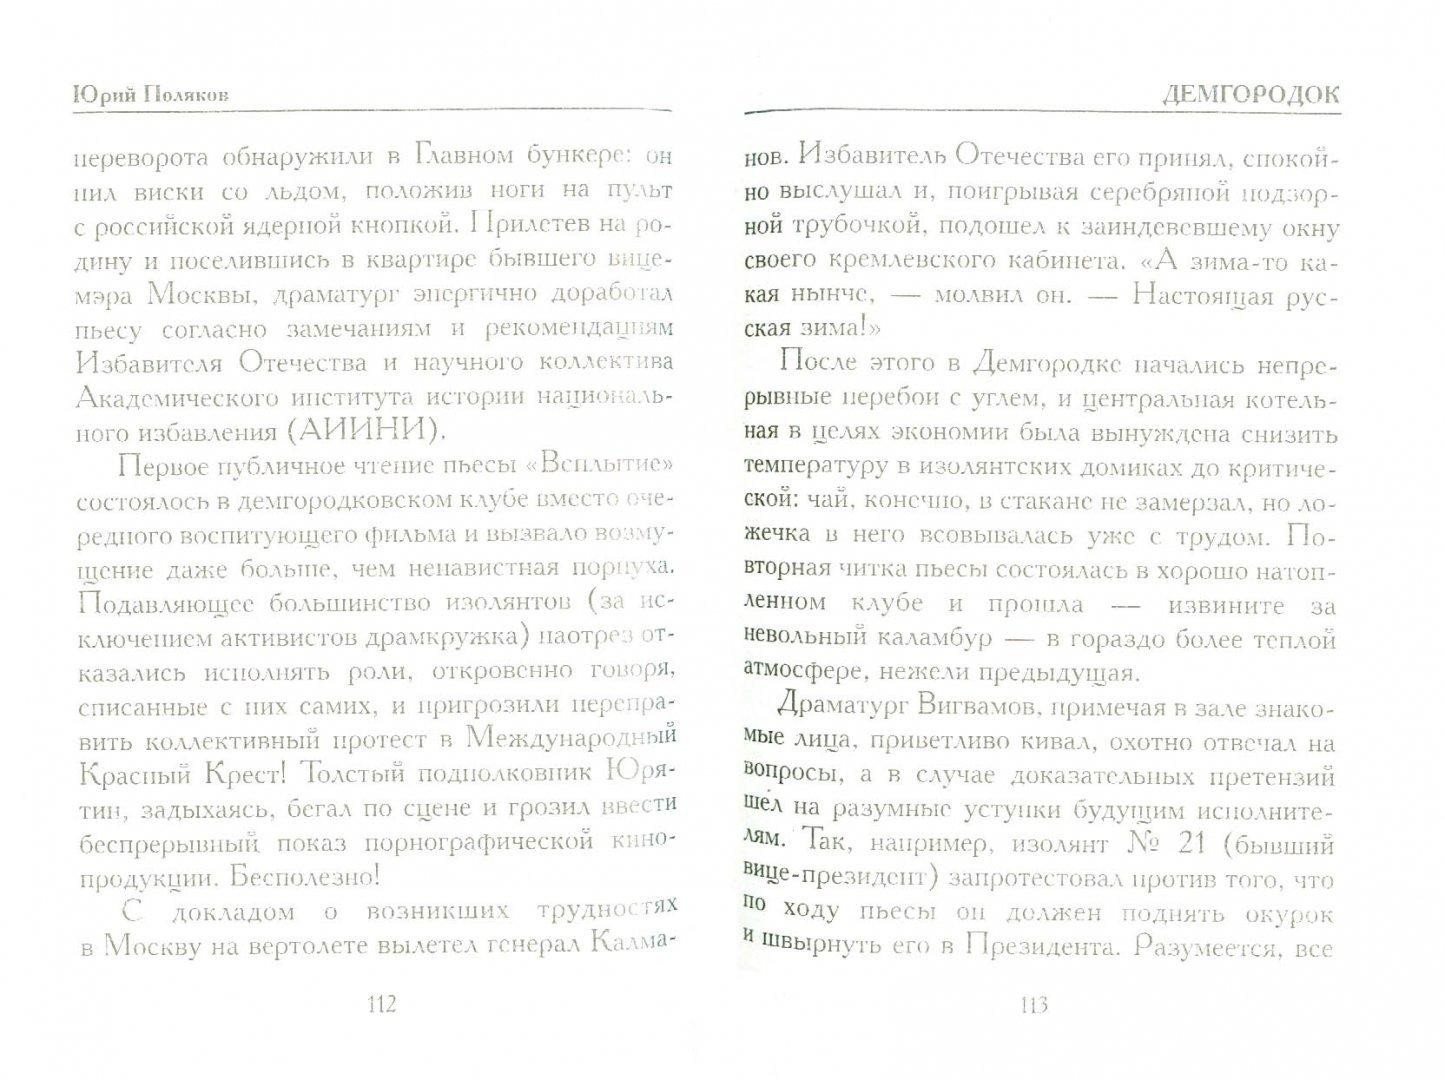 Иллюстрация 1 из 19 для Демгородок - Юрий Поляков | Лабиринт - книги. Источник: Лабиринт